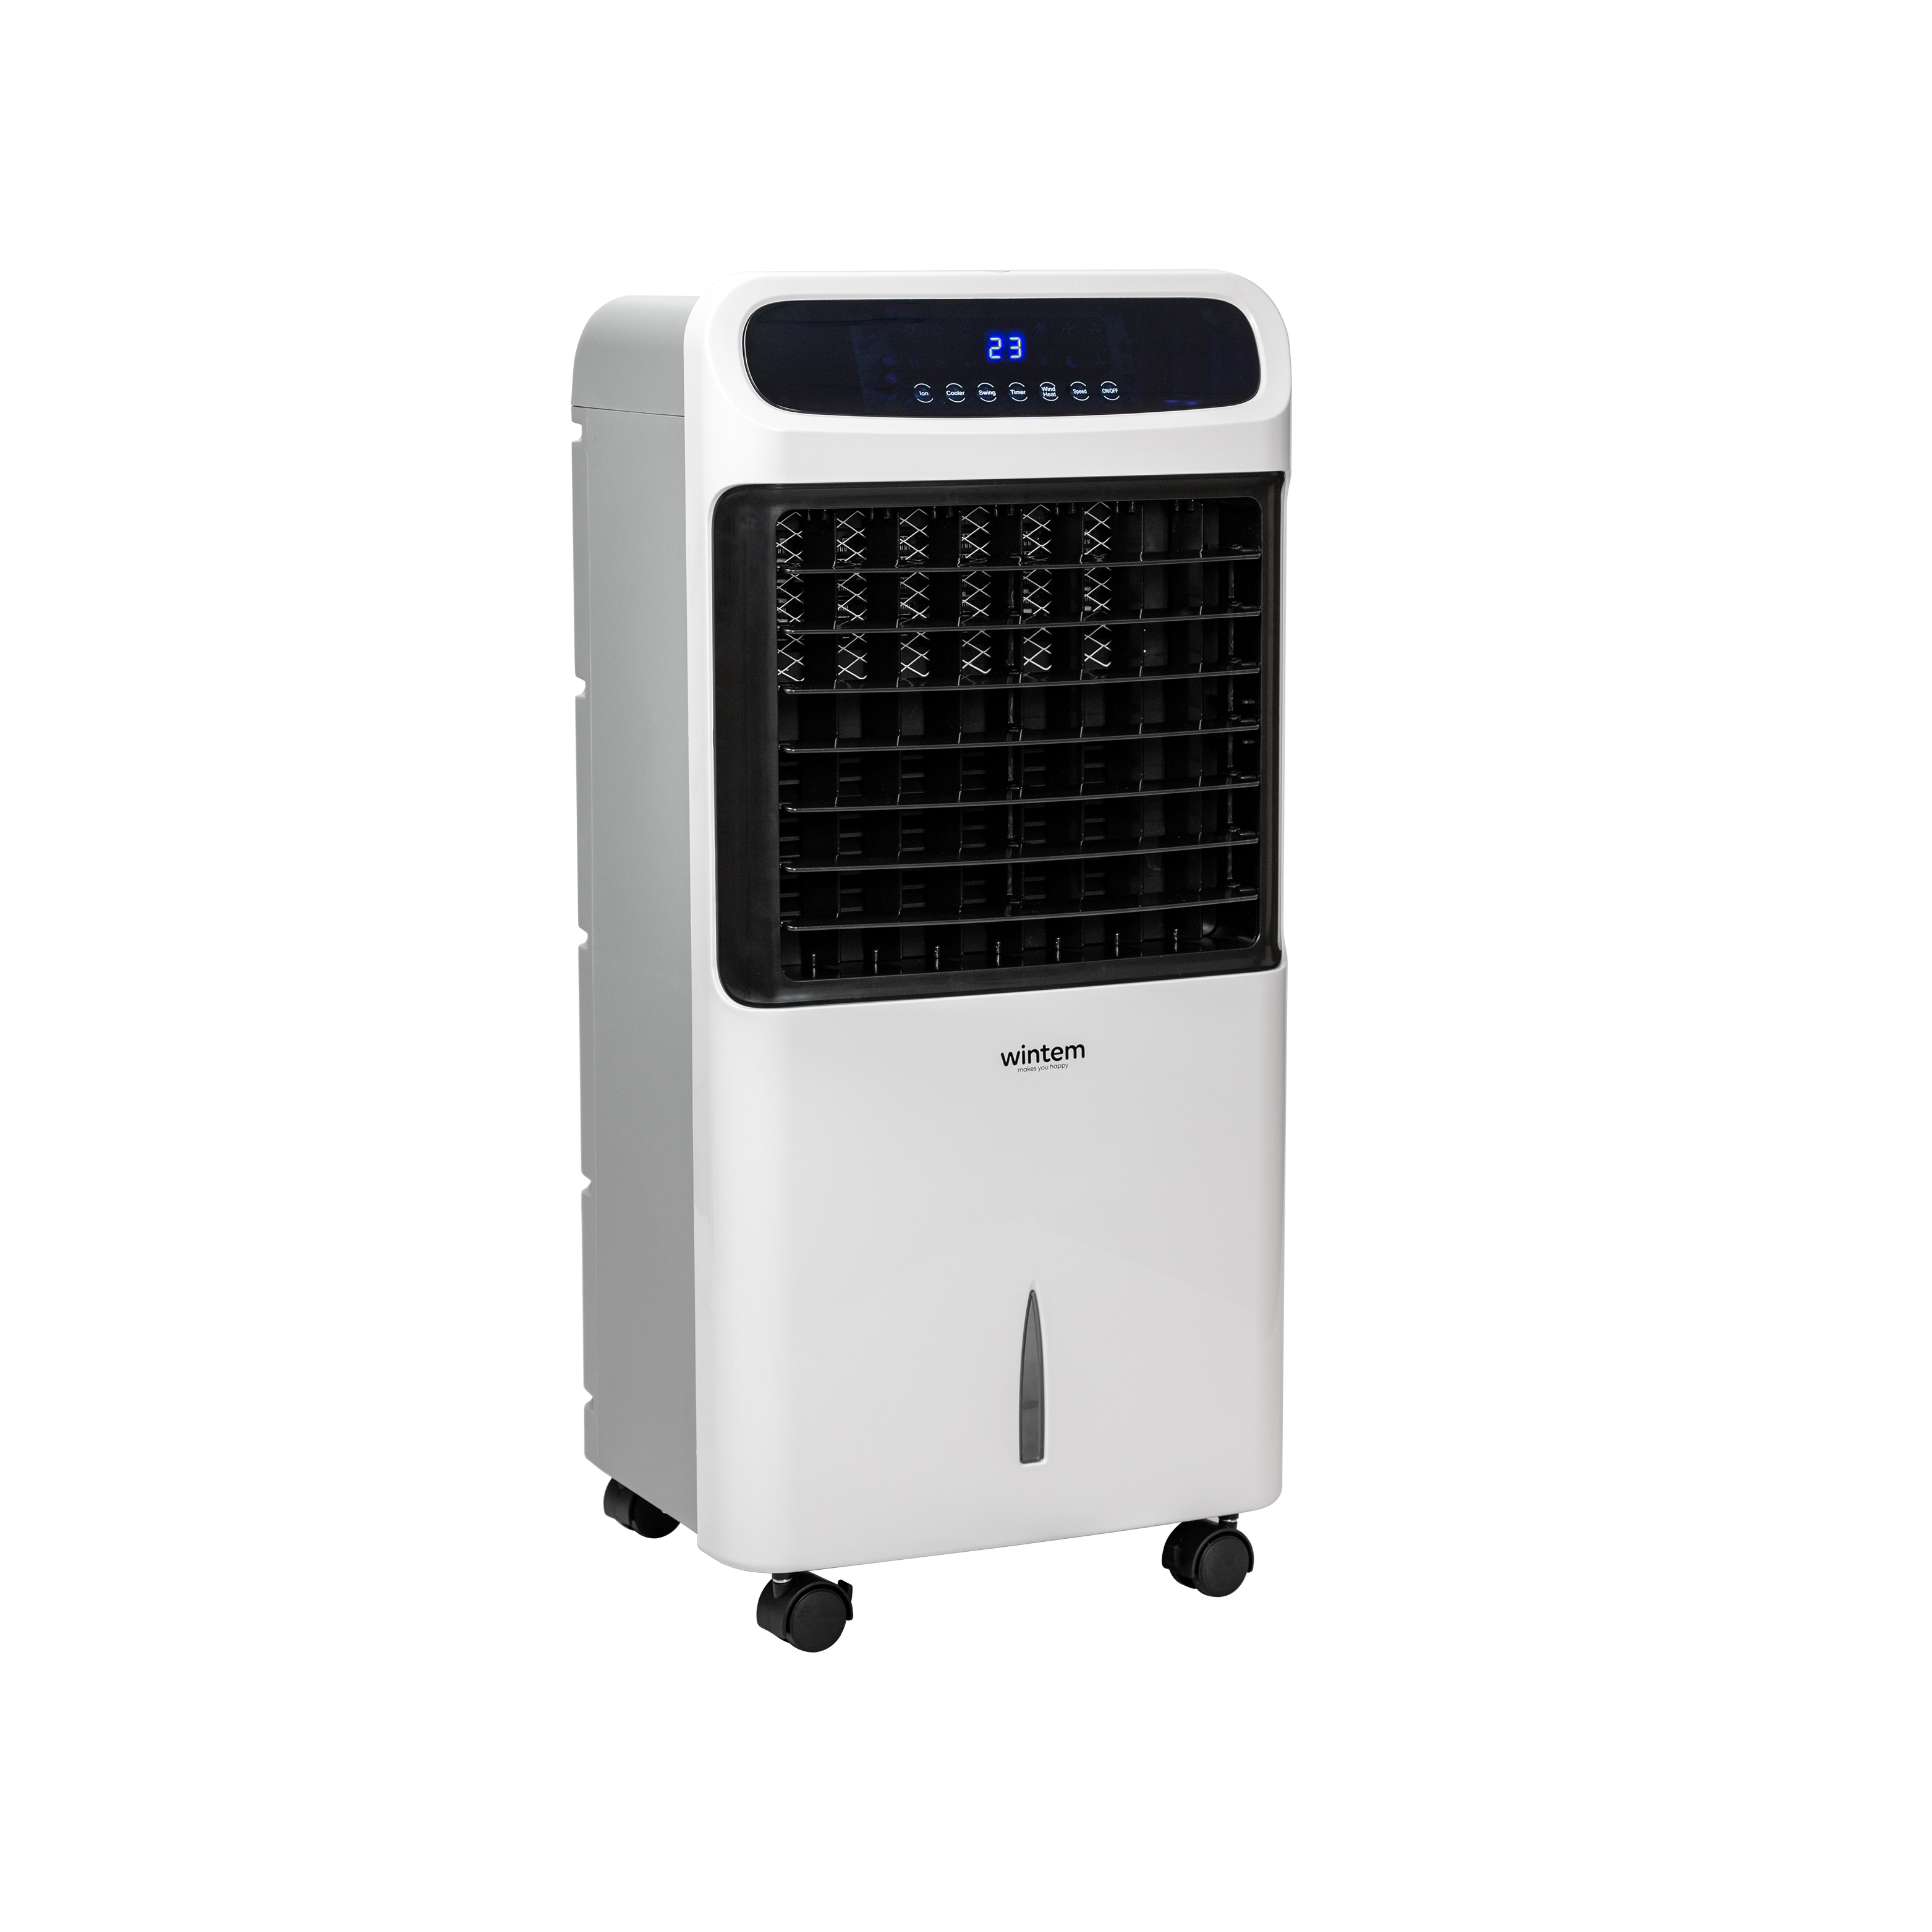 Horus Climatizzatore Portatile 2000 Watt Raffrescatore Aria Calda Fredda Wintem